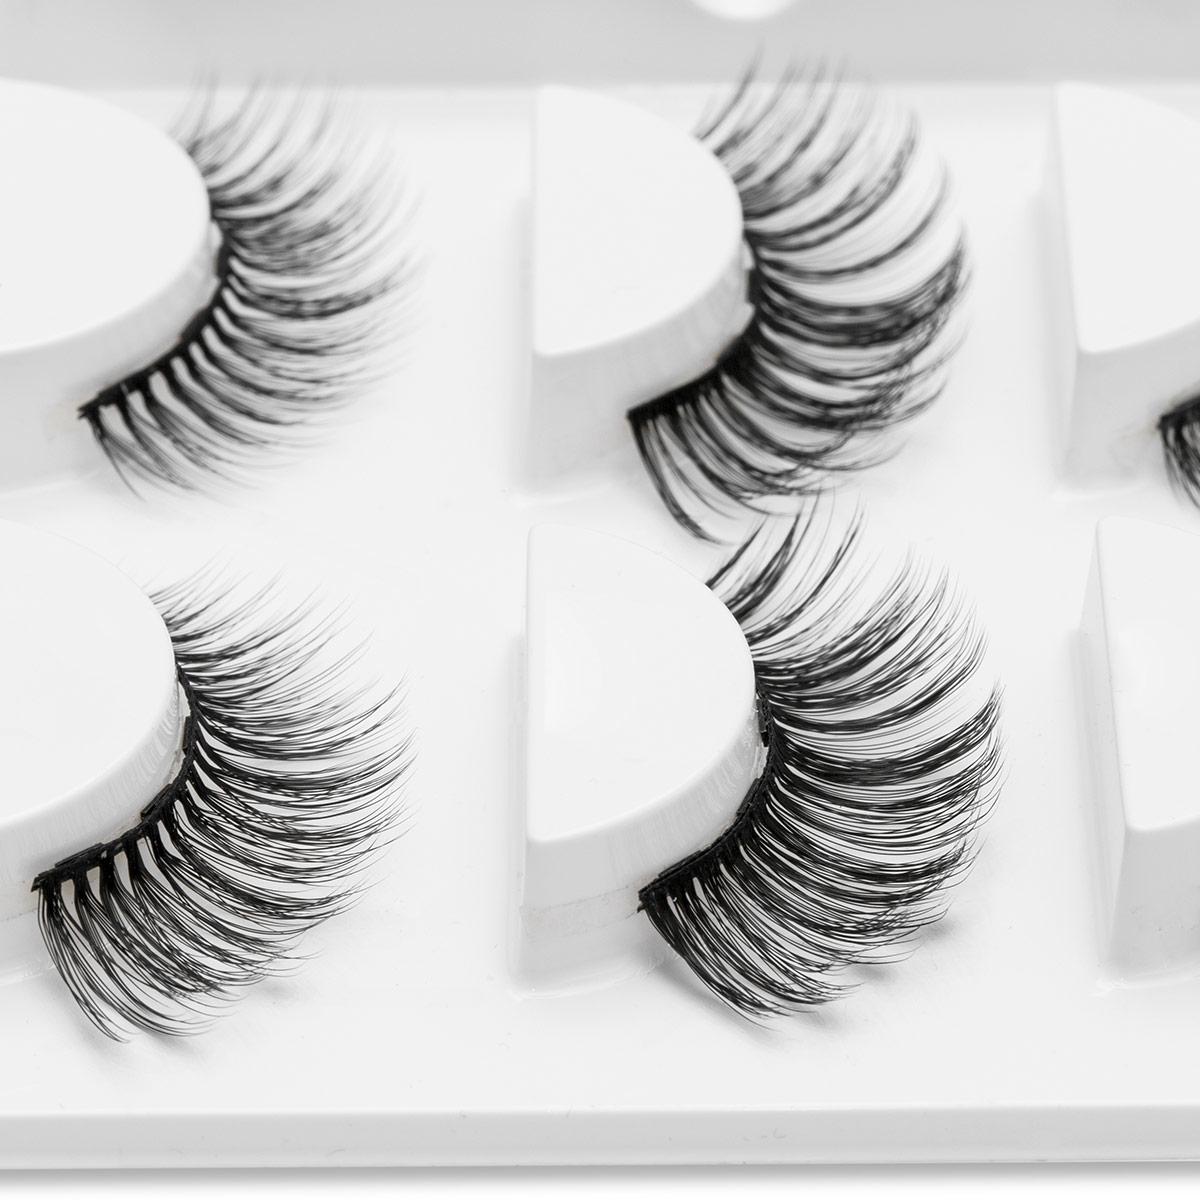 3pair 5 Magnetic Eyelashes 3D Faux mink Eyelashes Magnet Lashes Magnetic Liquid Eyeliner&Magnetic False Eyelashes & Tweezer Set 1